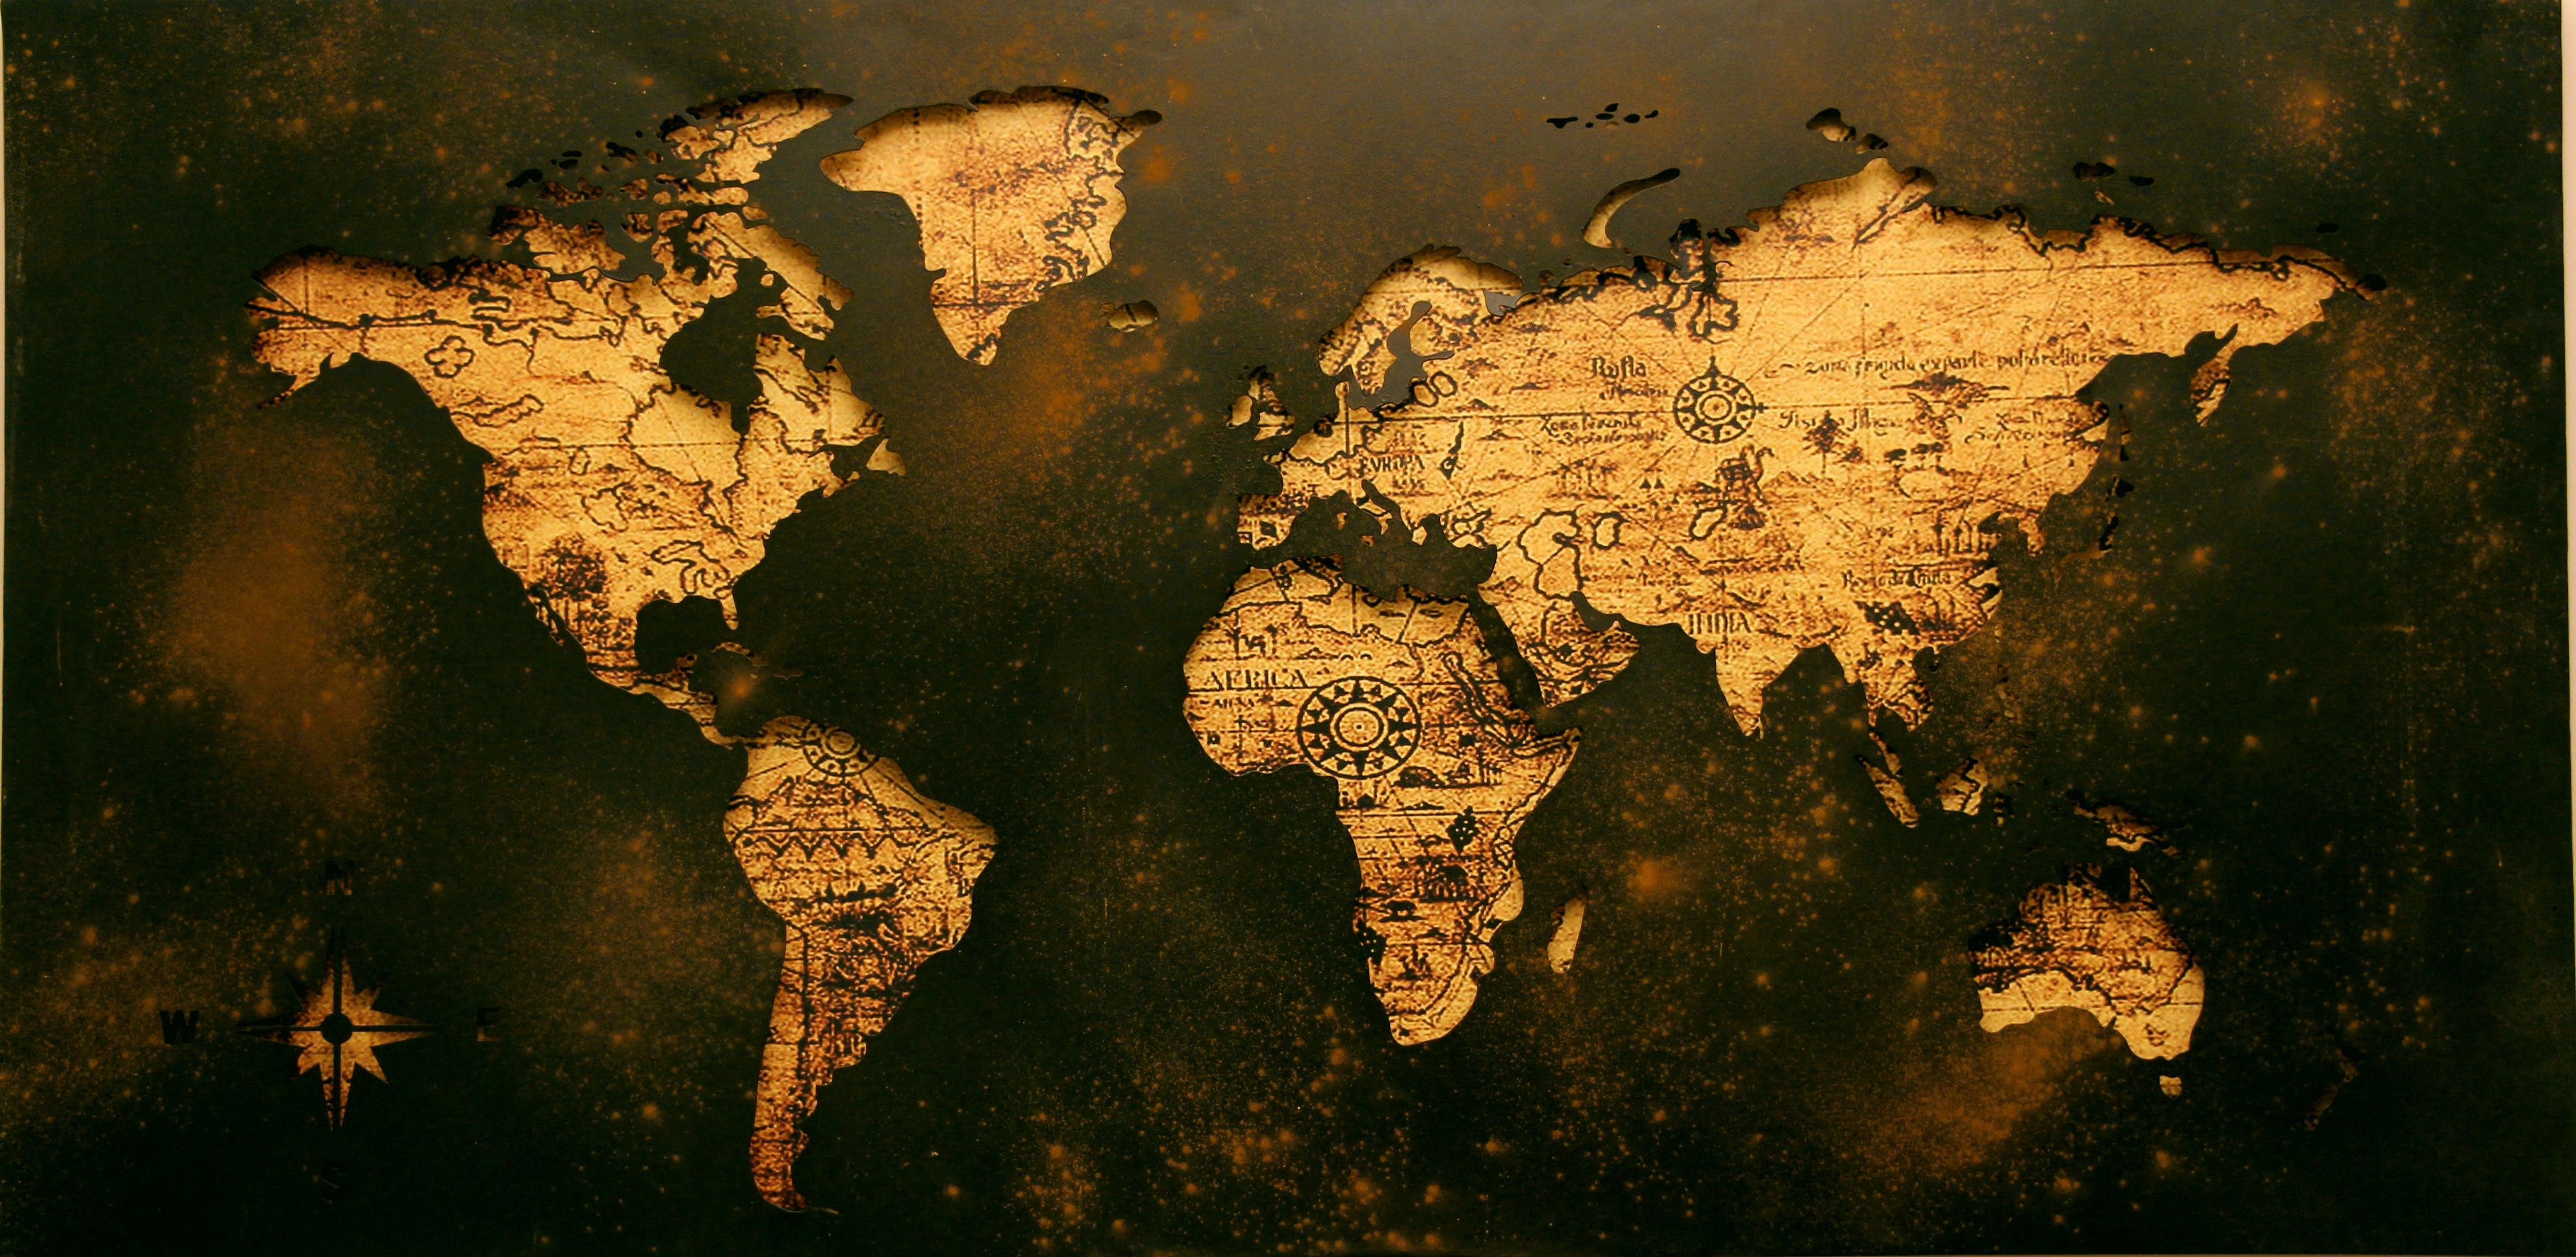 брудний, великий план, географія